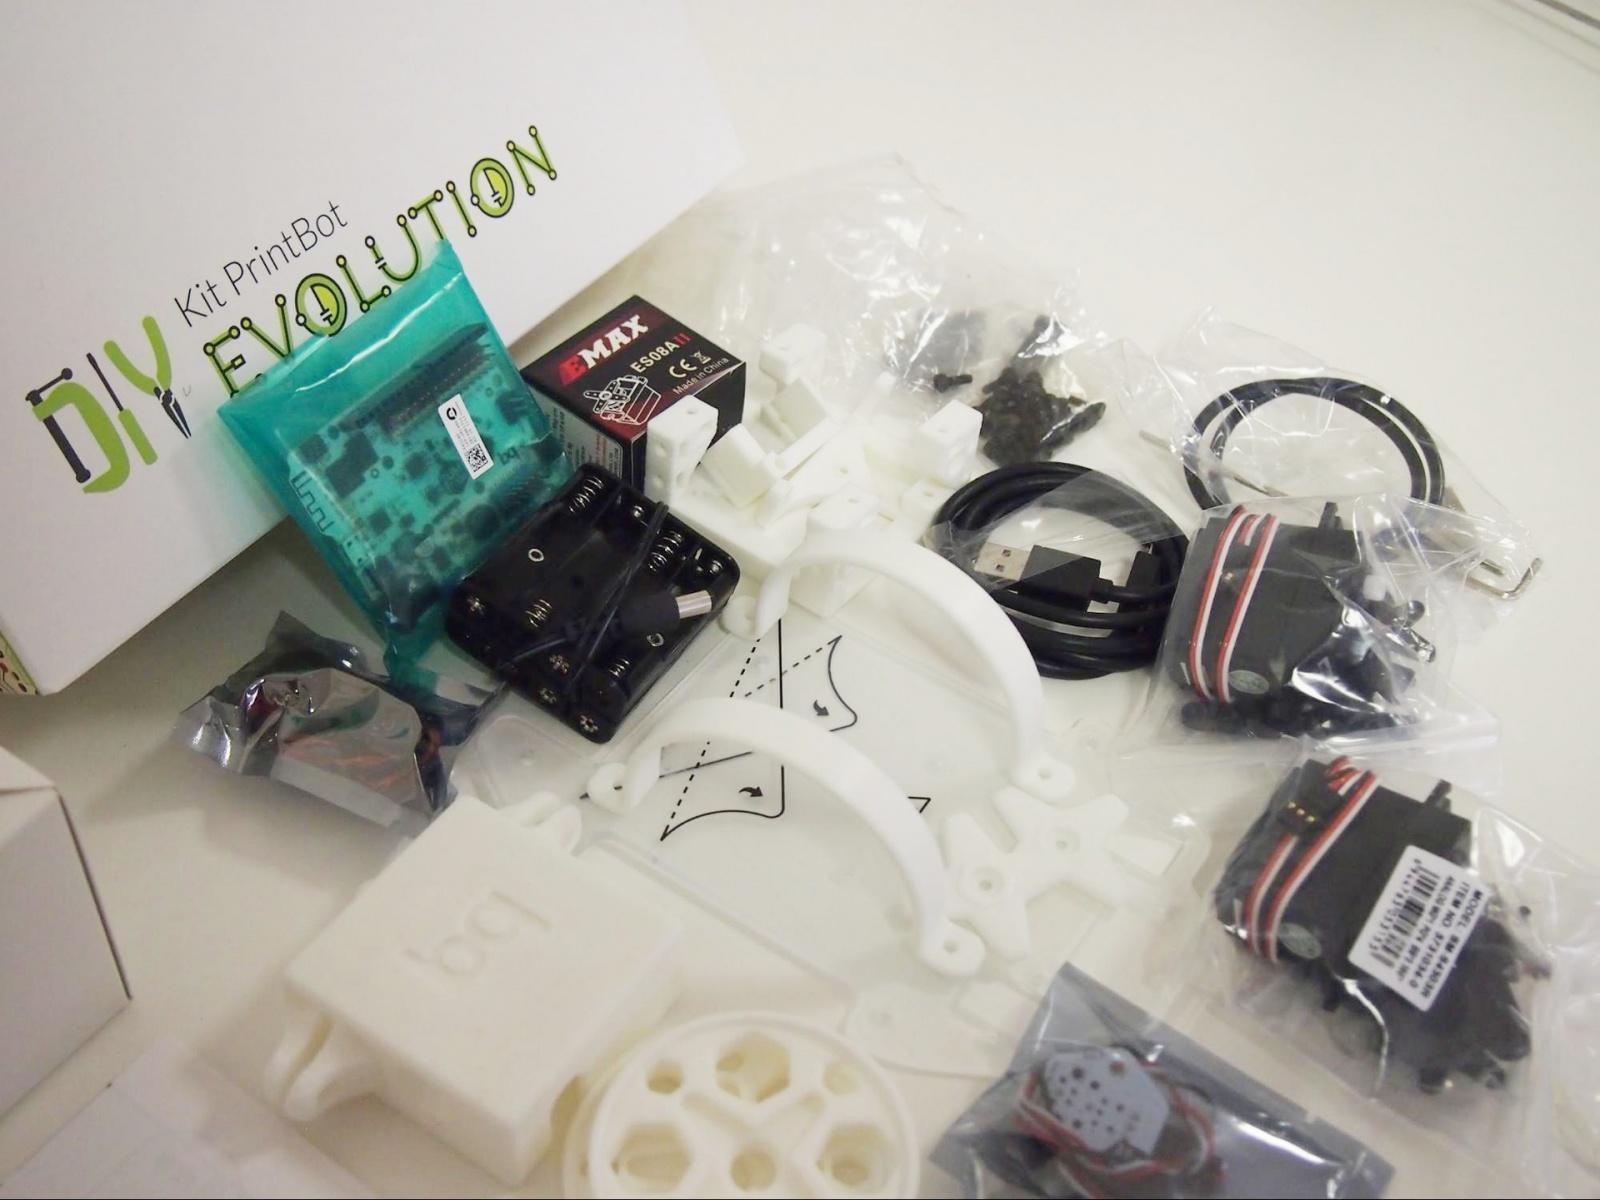 DIY Робот или эволюция в комплекте - 7